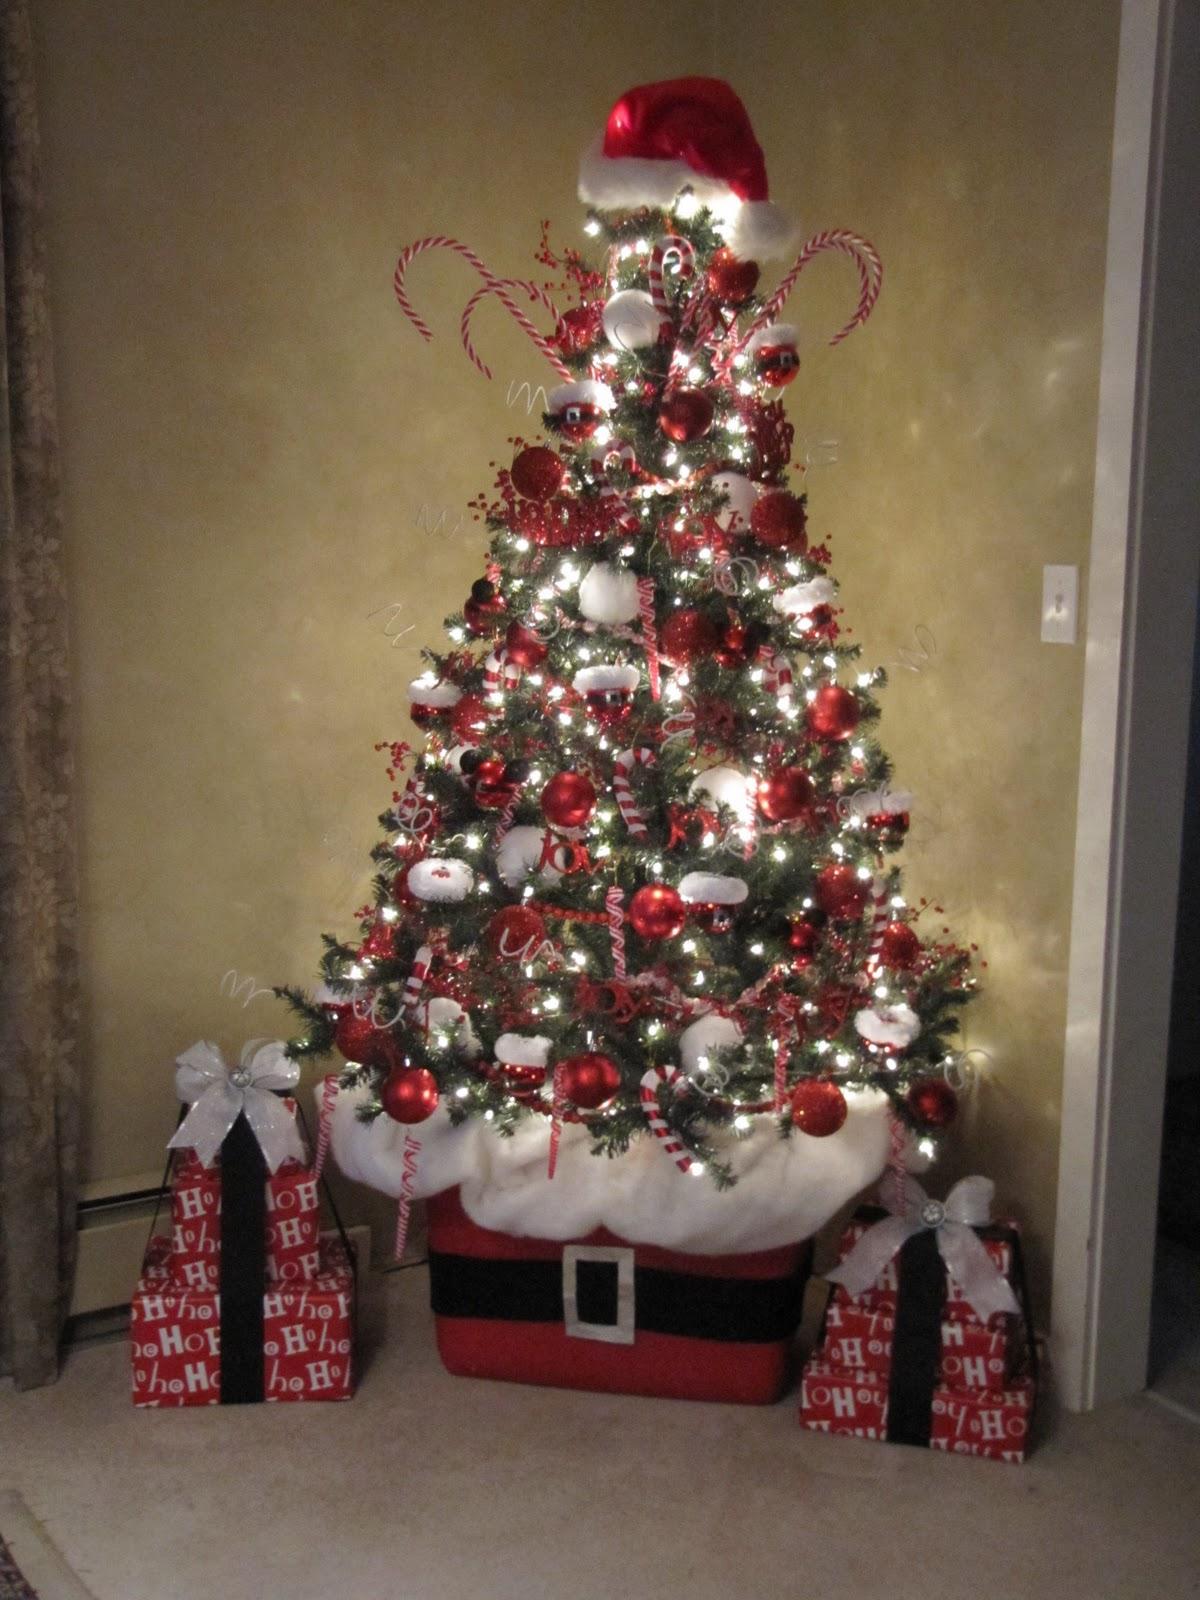 Non traditional christmas tree ideas - Non Traditional Christmas Tree Ideas